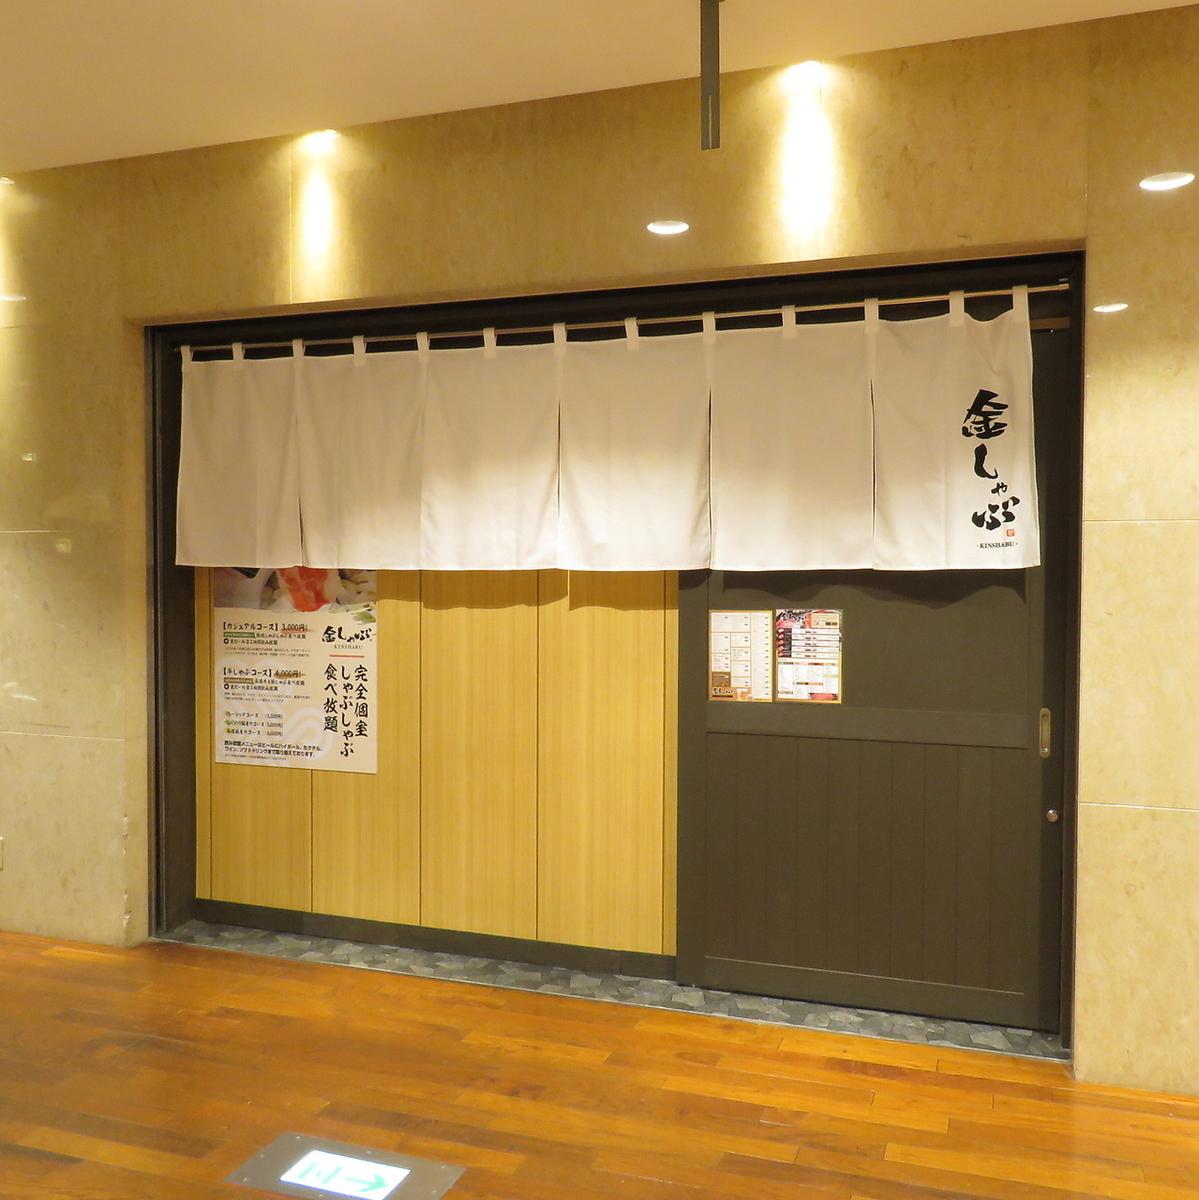 [가나자와 역 도보 3 분] 비에 젖는 일없이 방문 할 수 있습니다 ★ 포르테 가나자와의 음식점 거리 B1F에 오면 일목요연 !!! 포르테 가나자와 지하 1 층